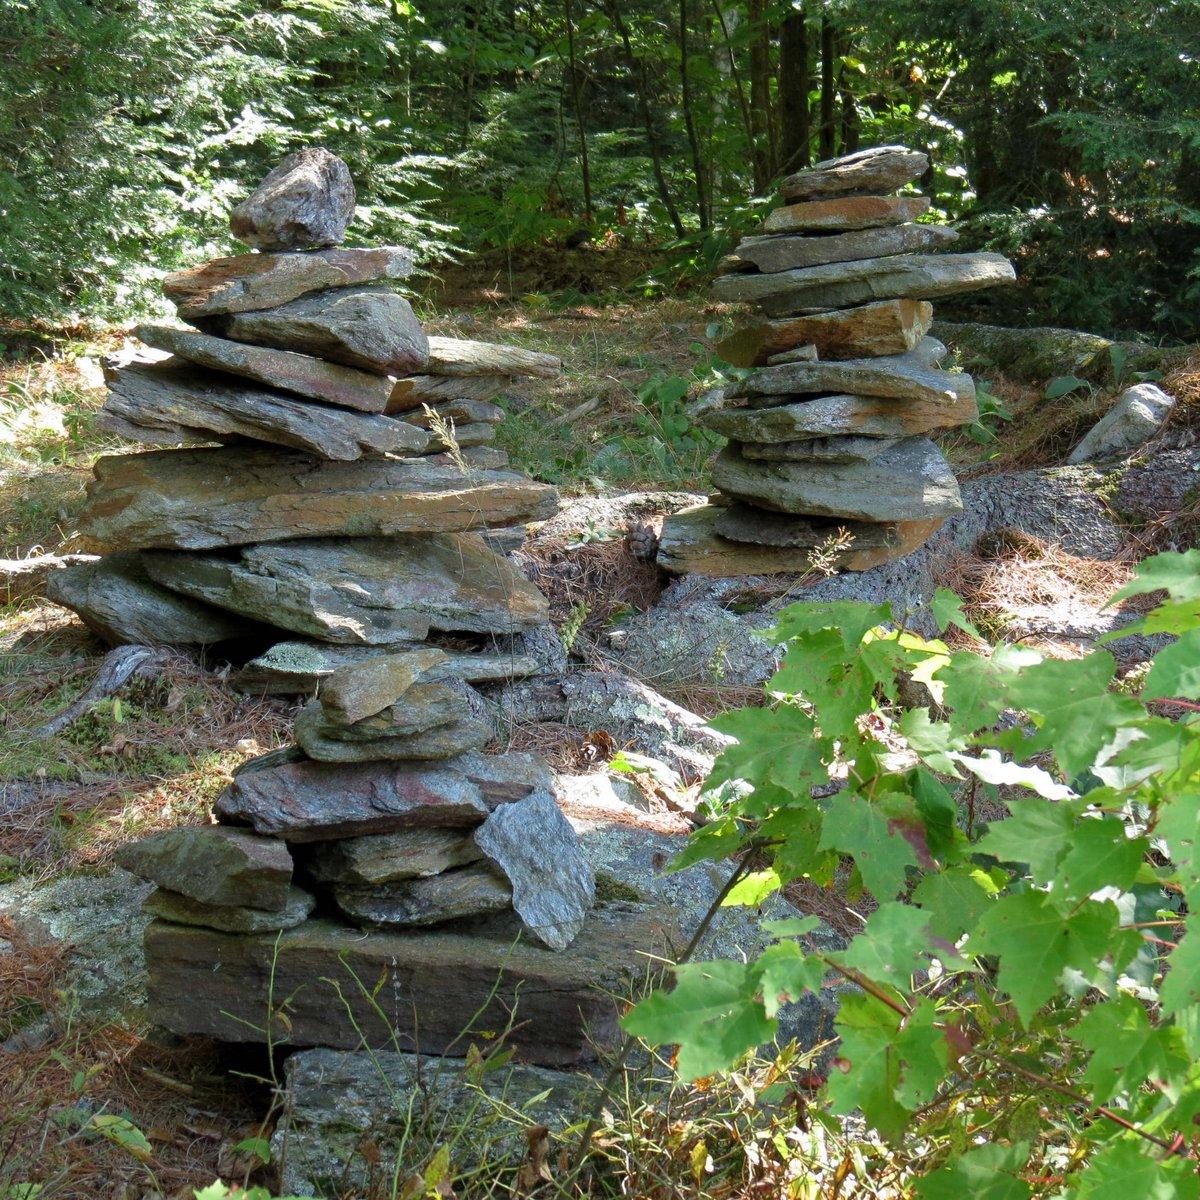 16-rock-piles